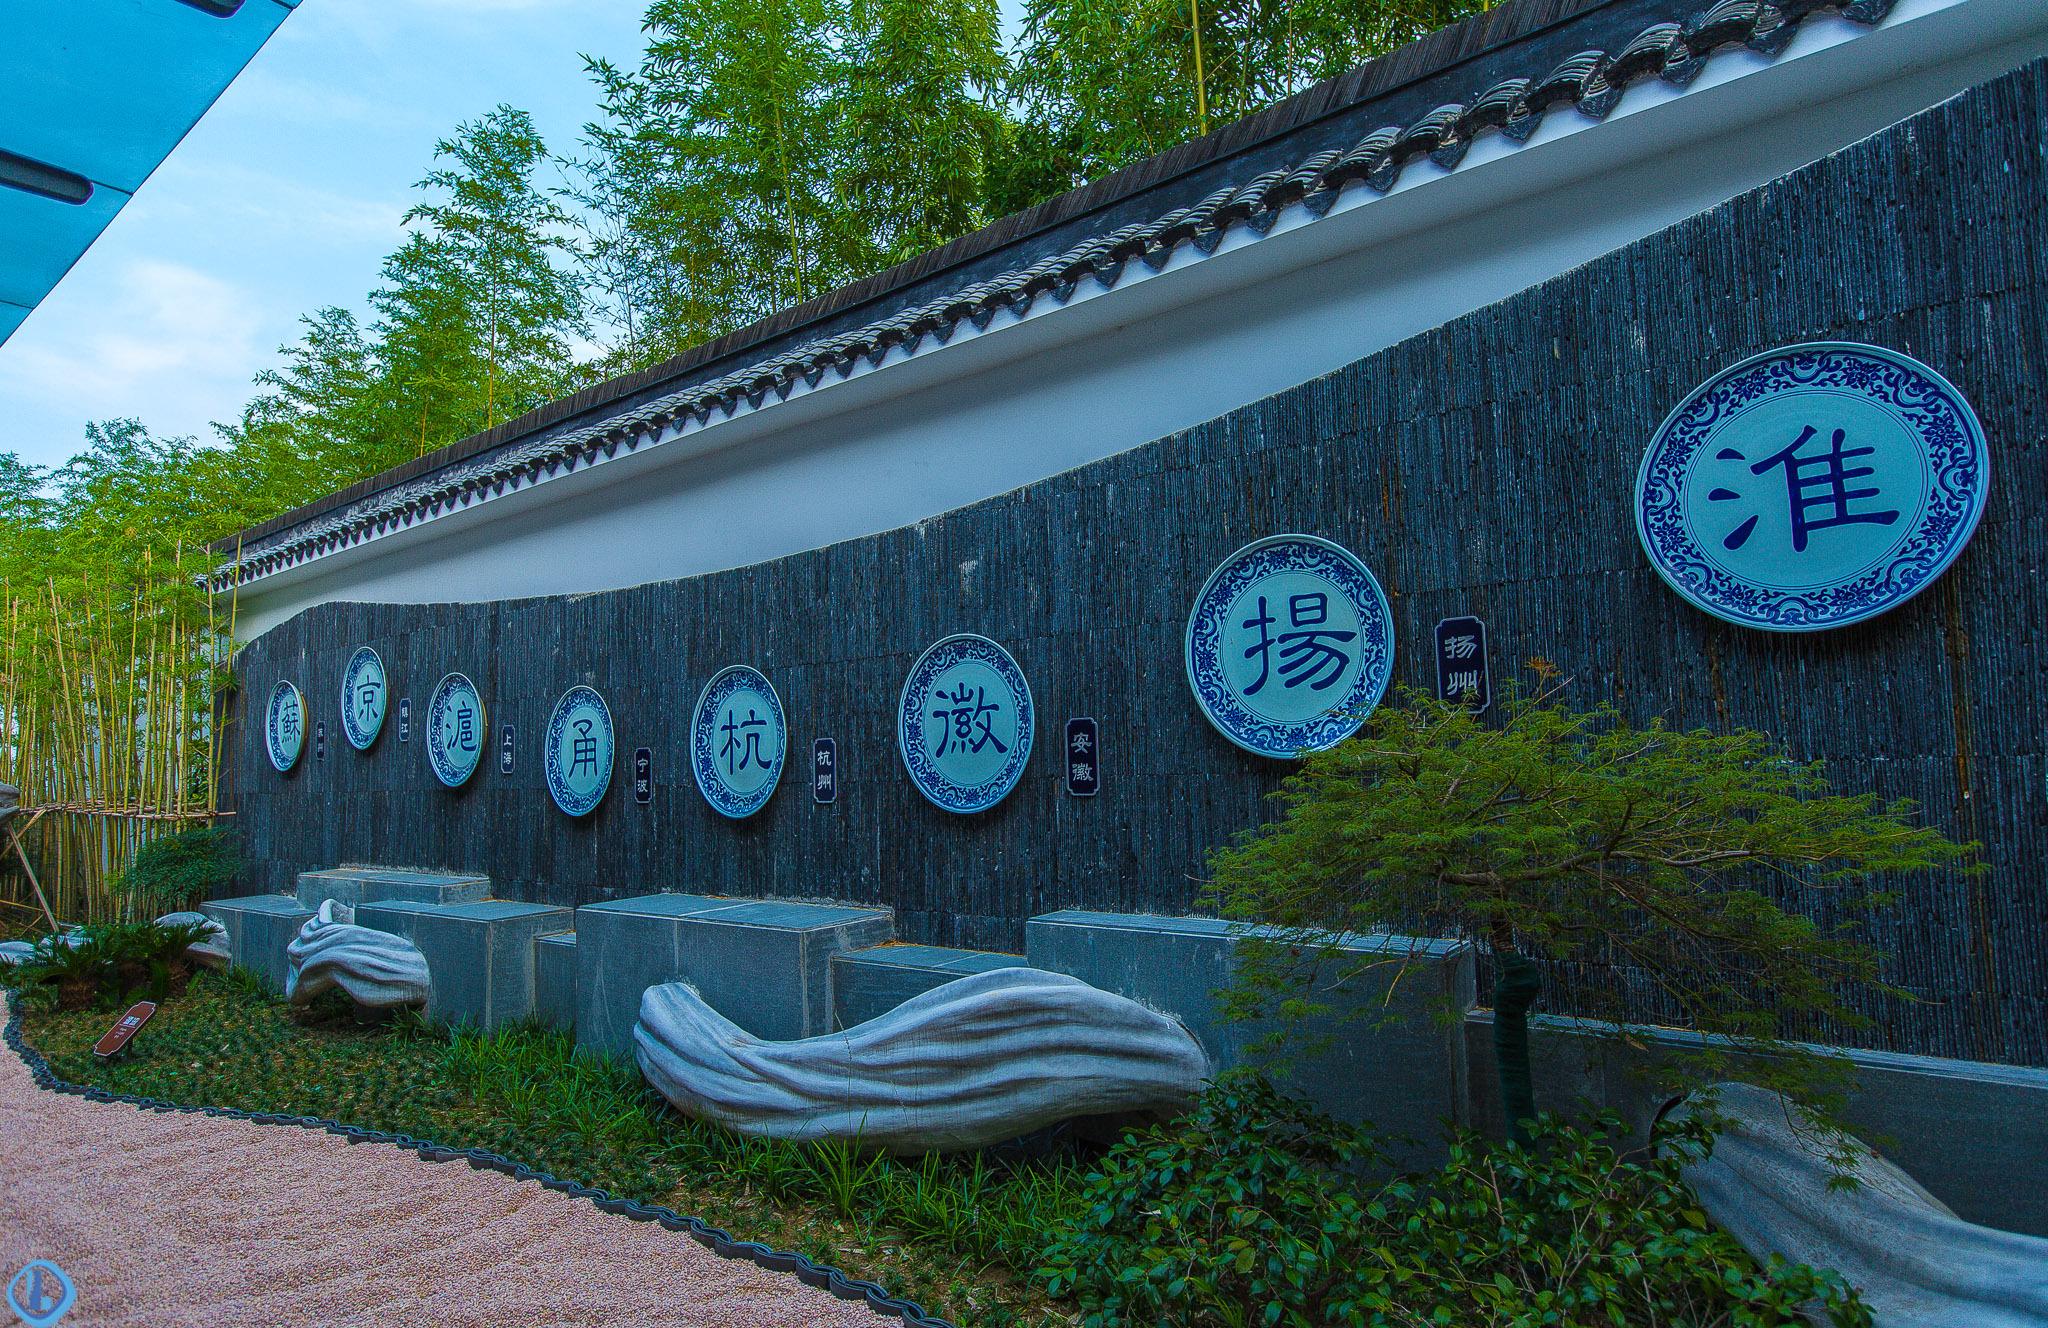 江苏淮安,有一个国内最大的以菜为主题的博物馆